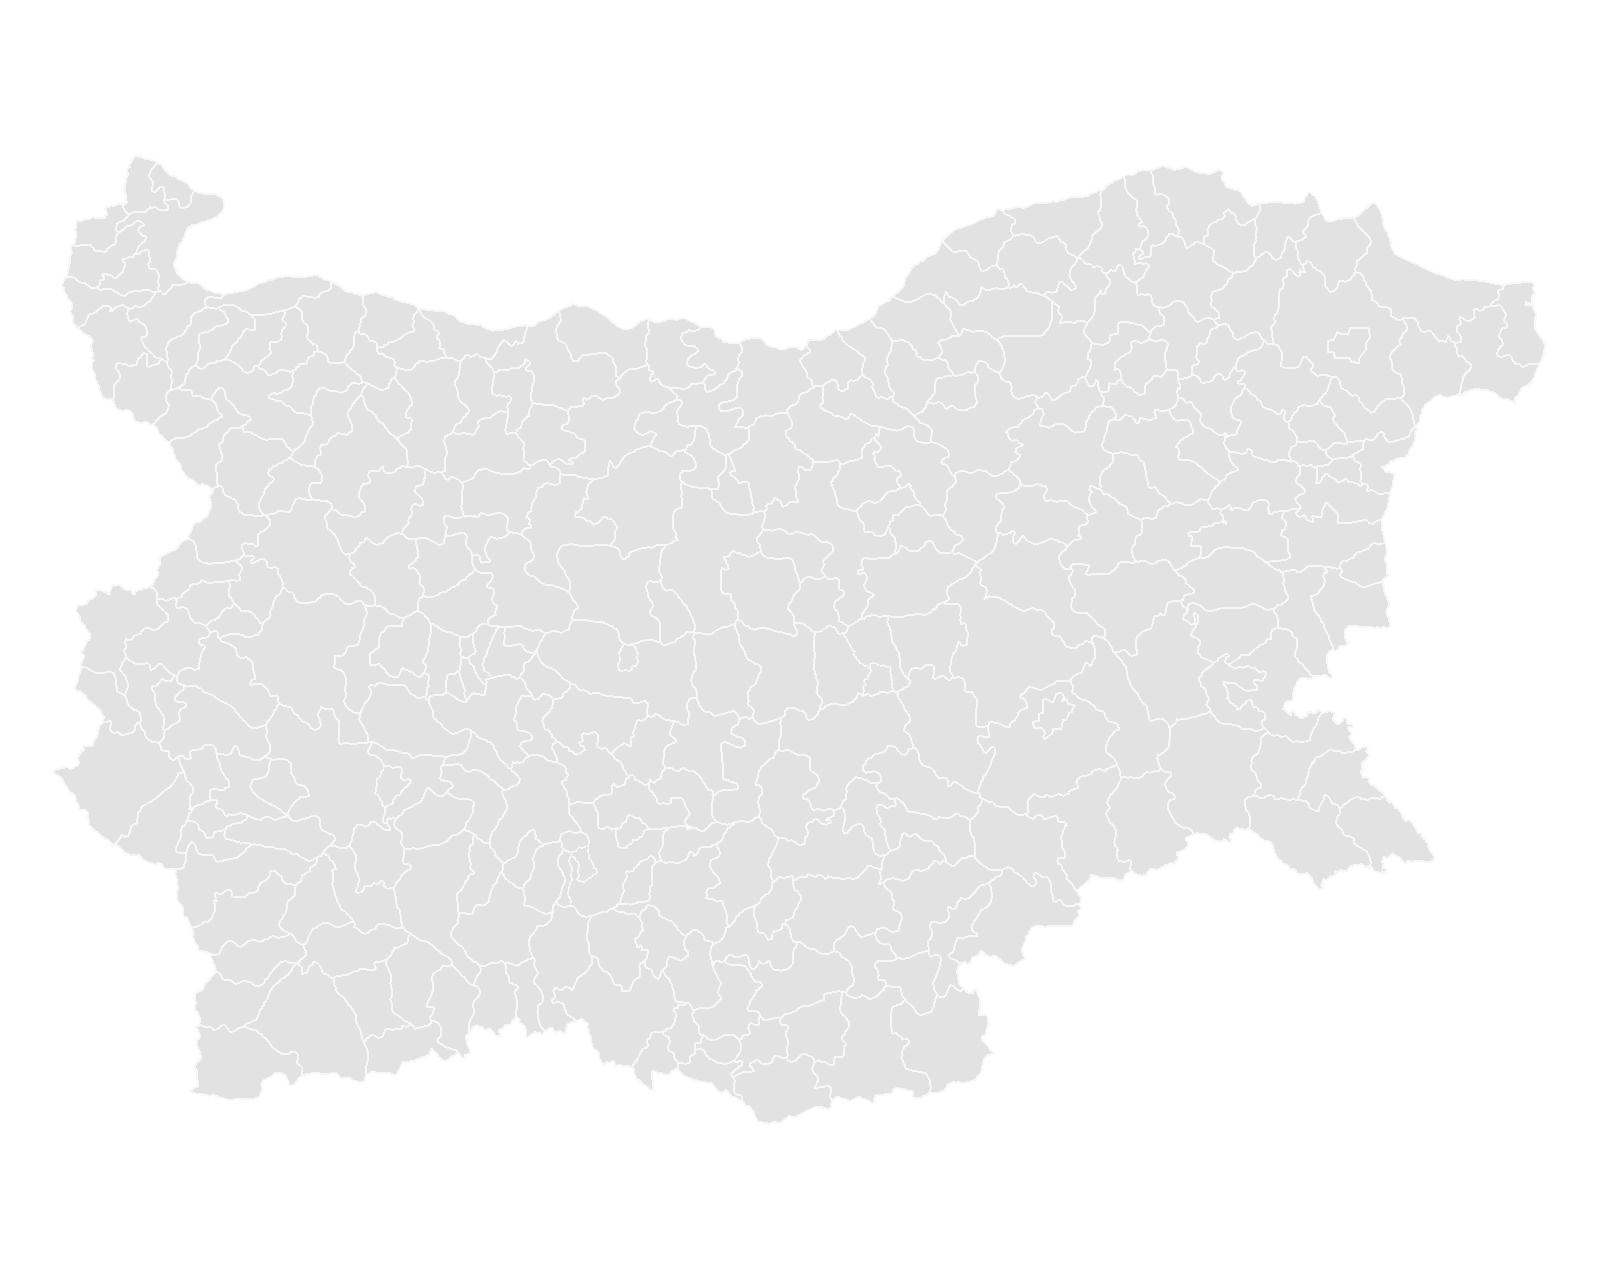 Gemeindegliederung Bulgariens